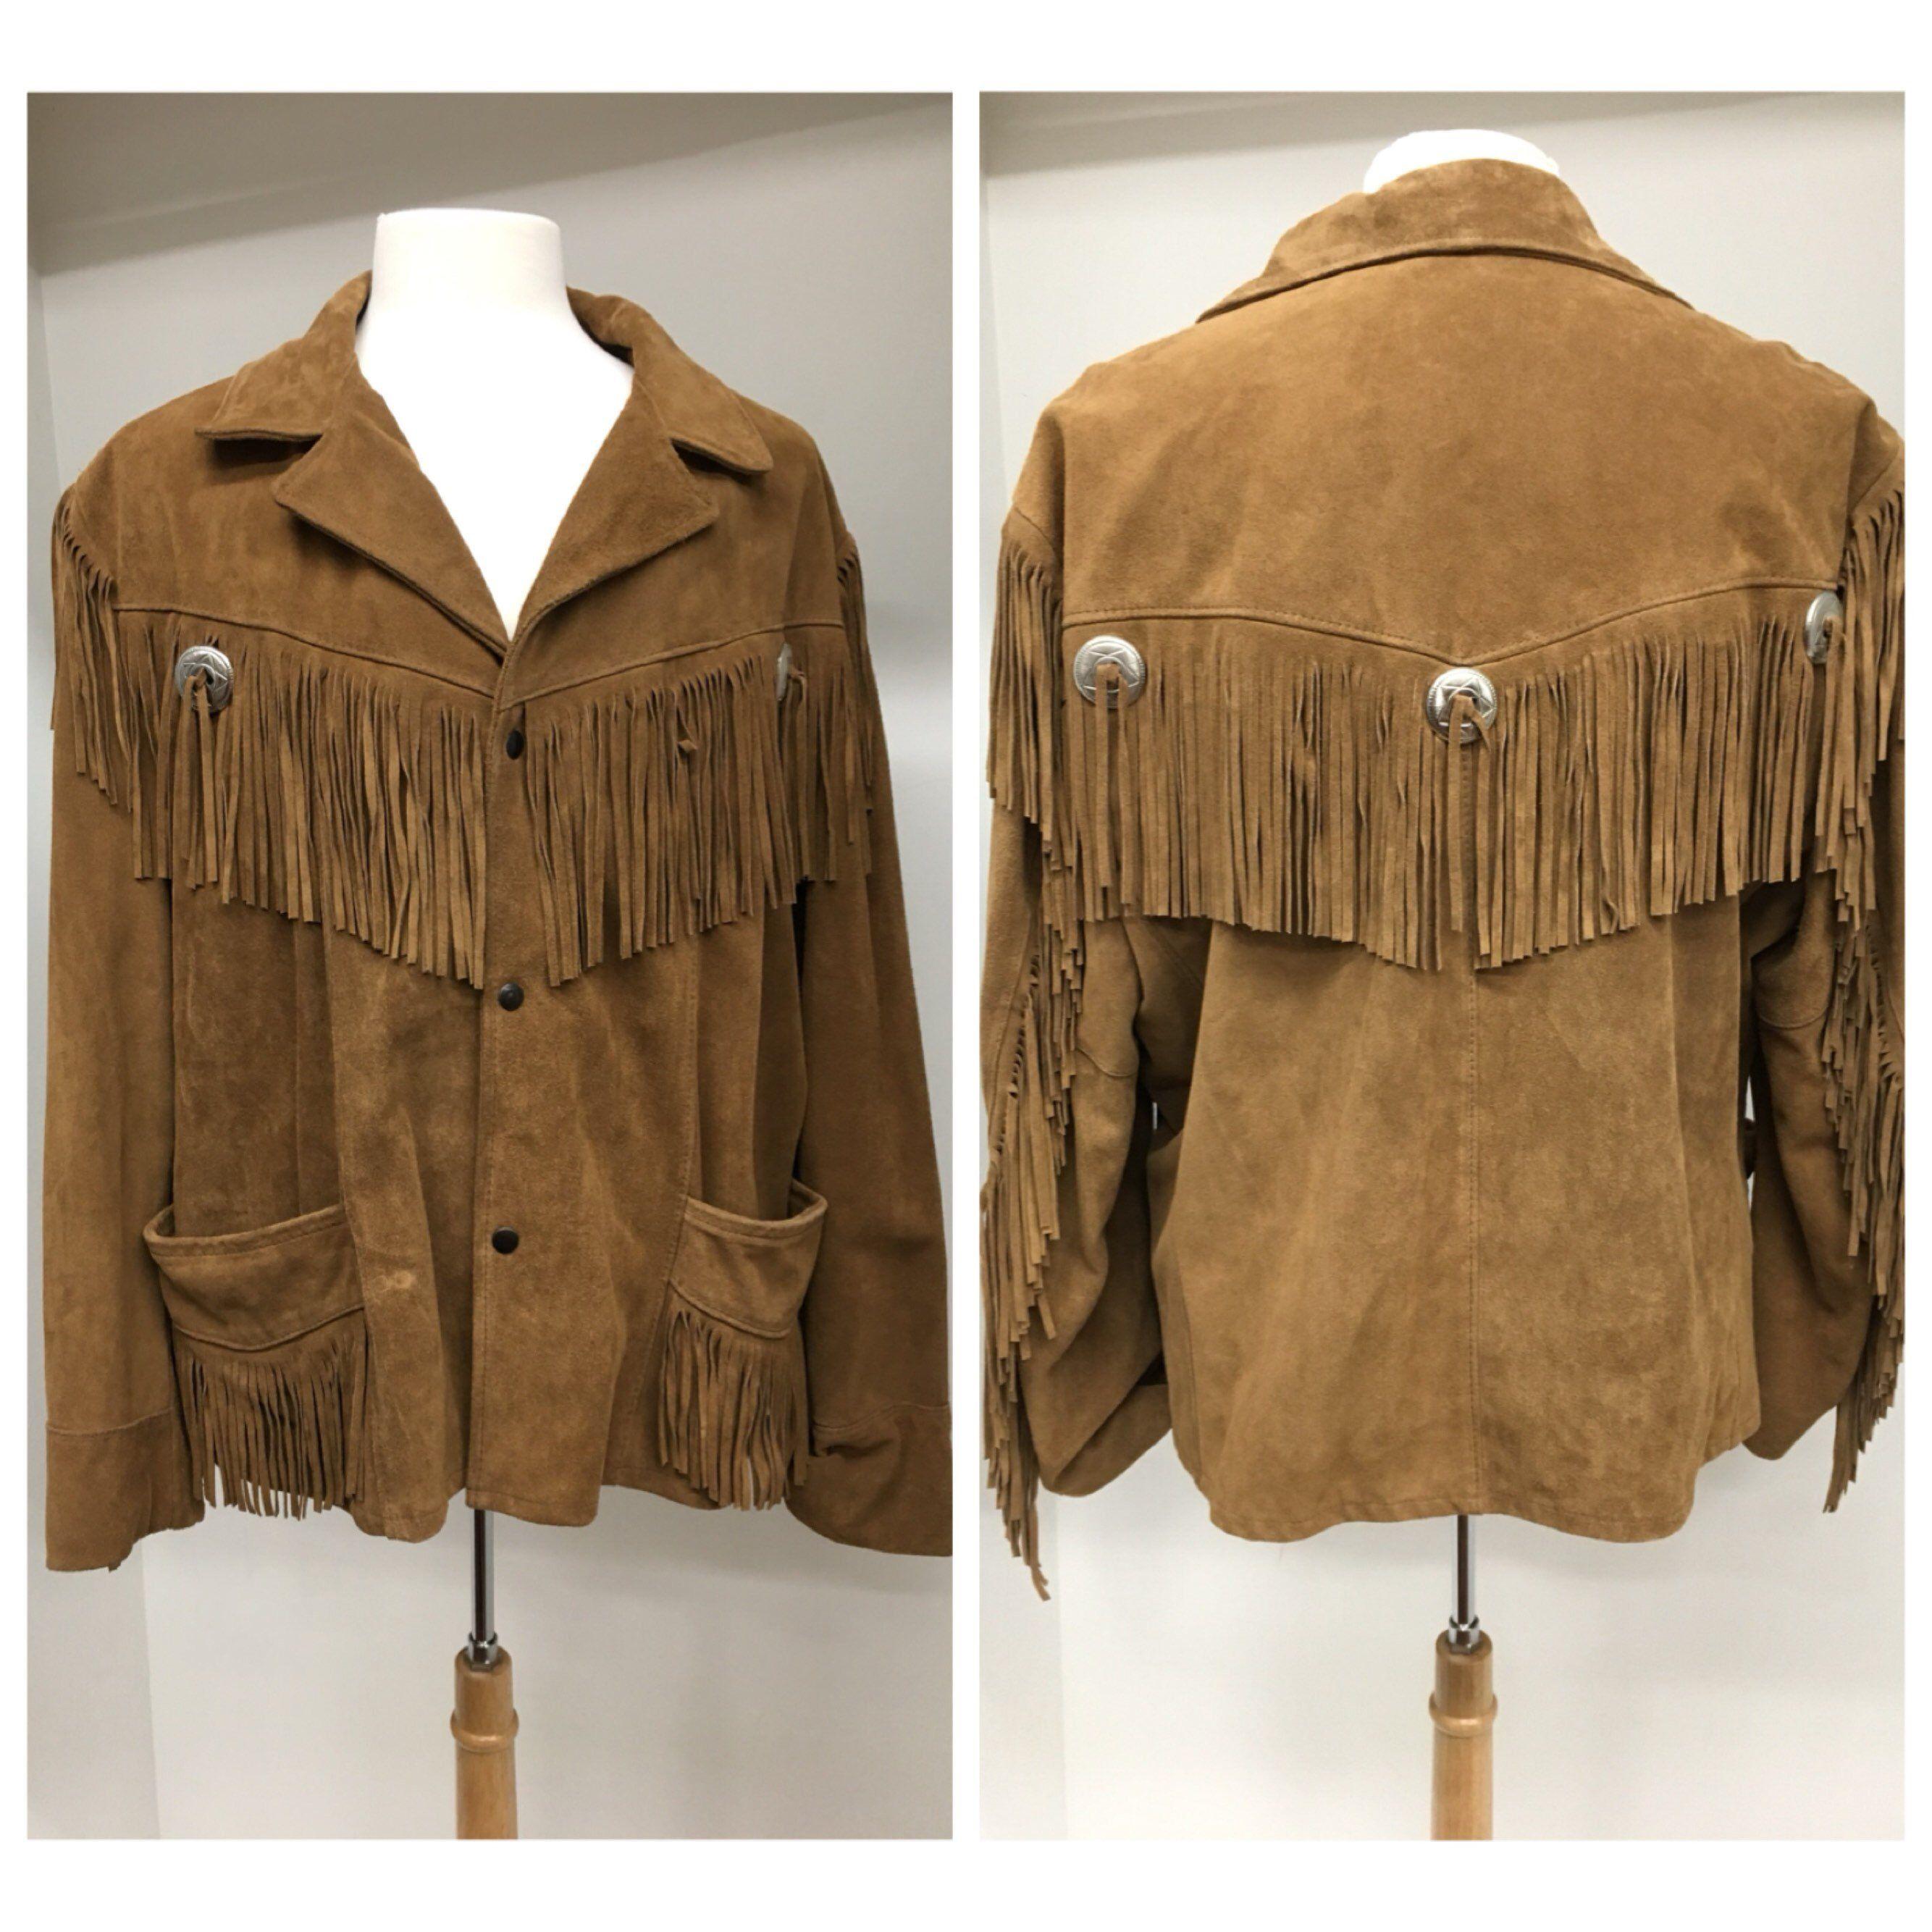 Excelled 90s Brown Suede Leather Fringe Jacket Excellent Etsy Fringe Leather Jacket Vintage Western Wear Fringe Jacket [ 2668 x 2668 Pixel ]